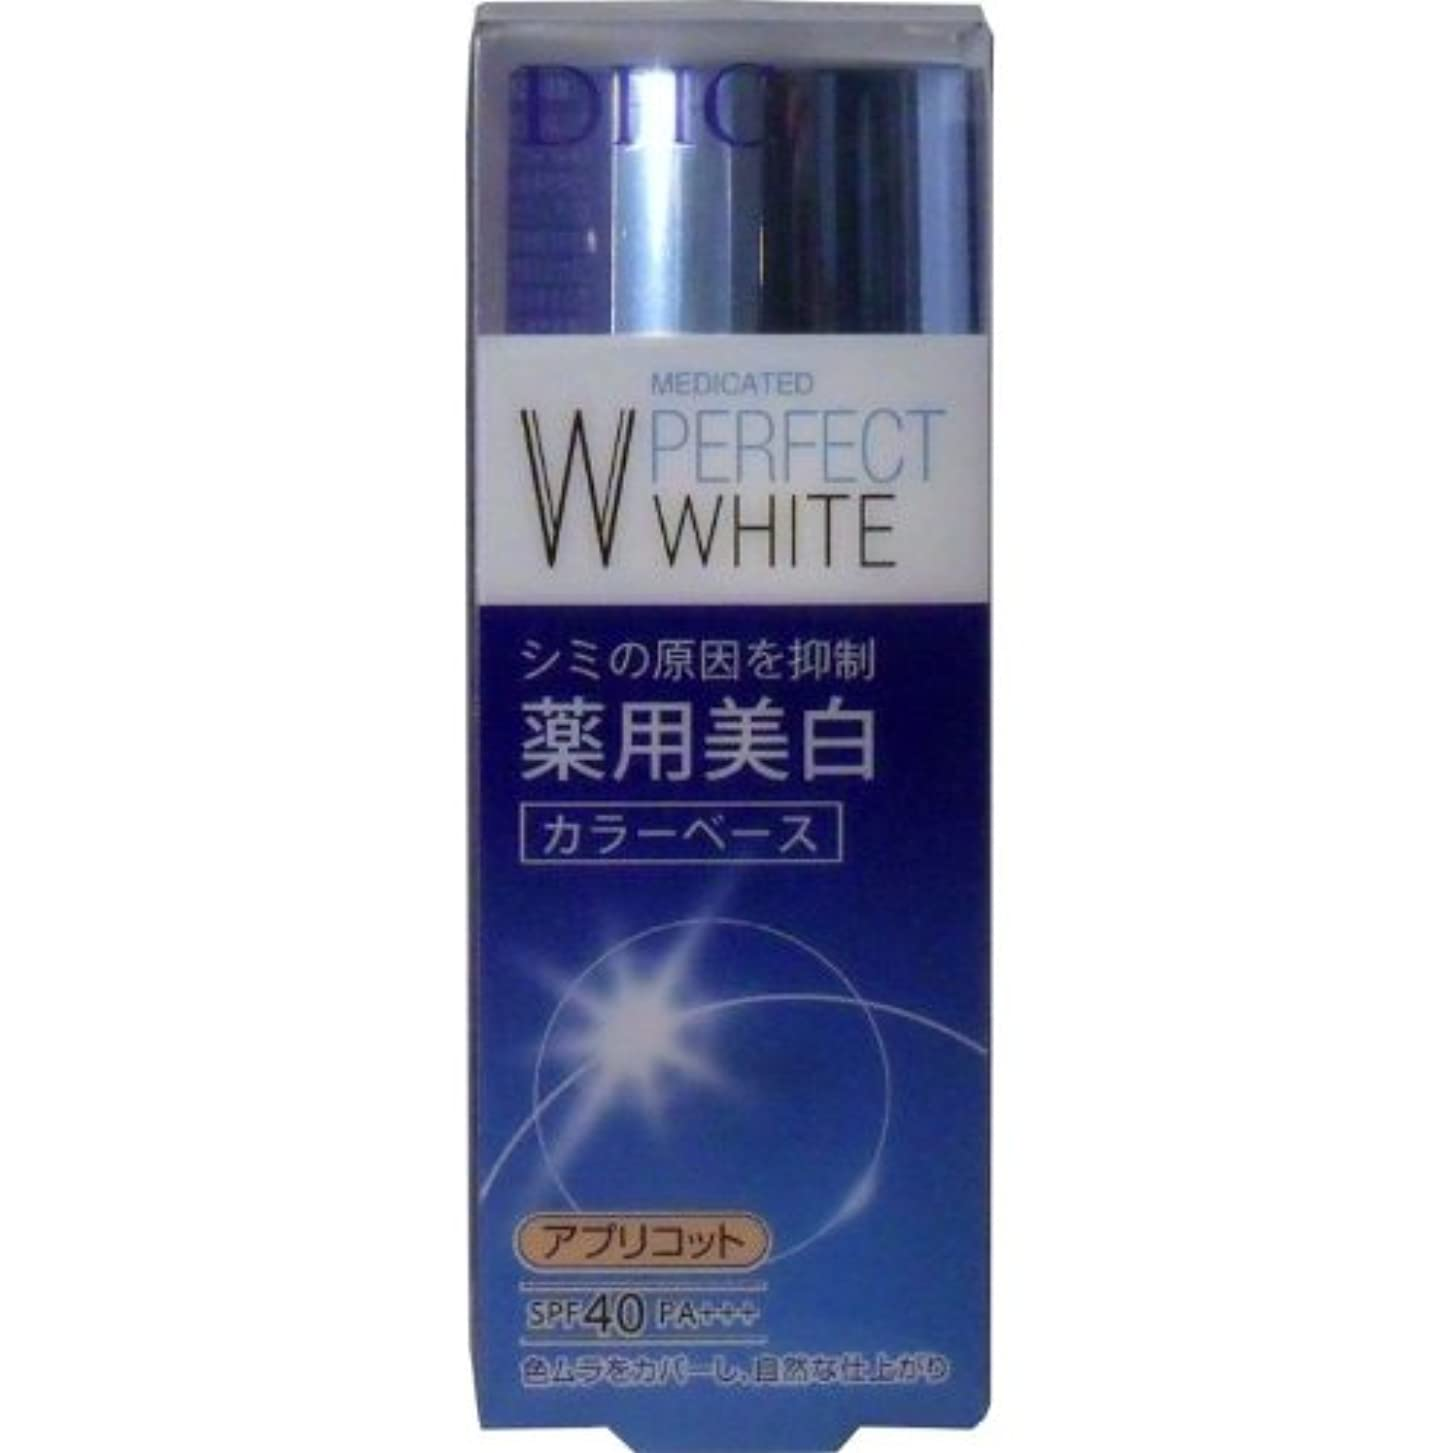 むちゃくちゃ盗難駐地DHC 薬用美白パーフェクトホワイト カラーベース アプリコット 30g